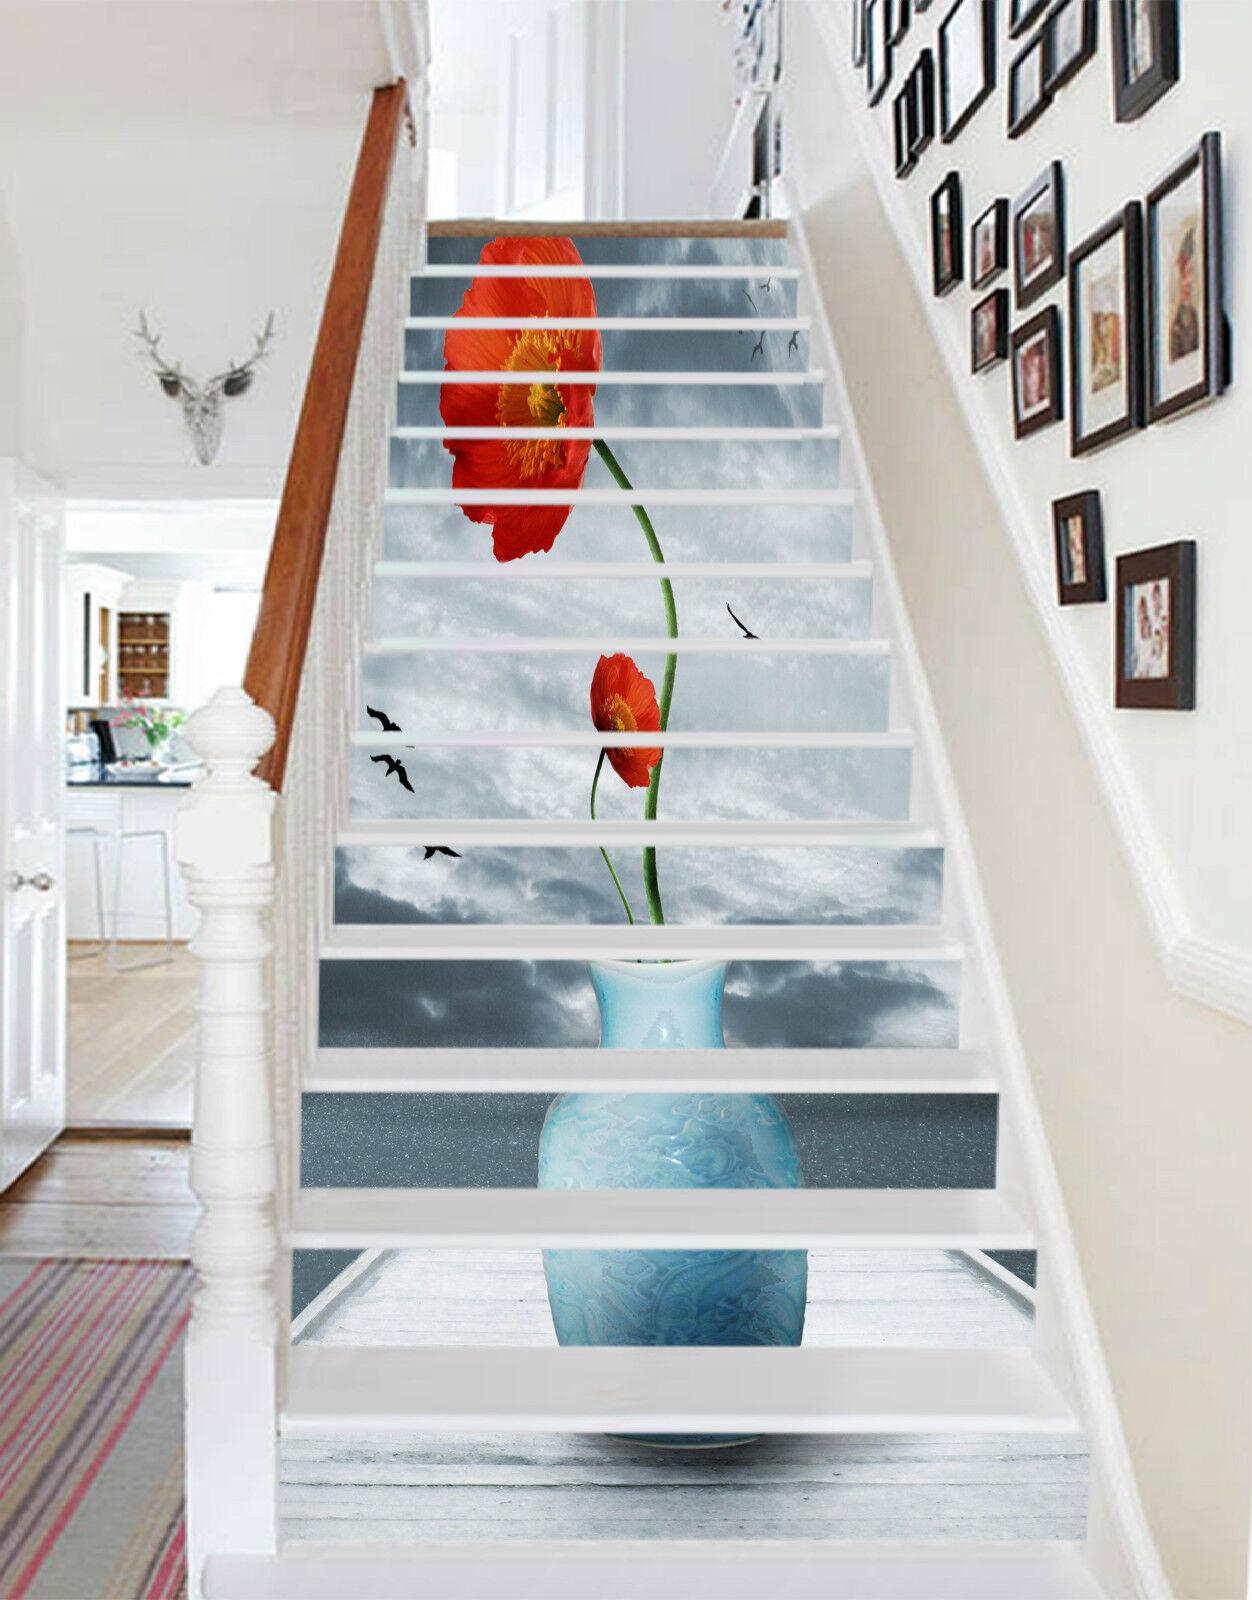 3D Blaumenvase 0100 Stair Risers Dekoration Fototapete Vinyl Aufkleber Tapete DE